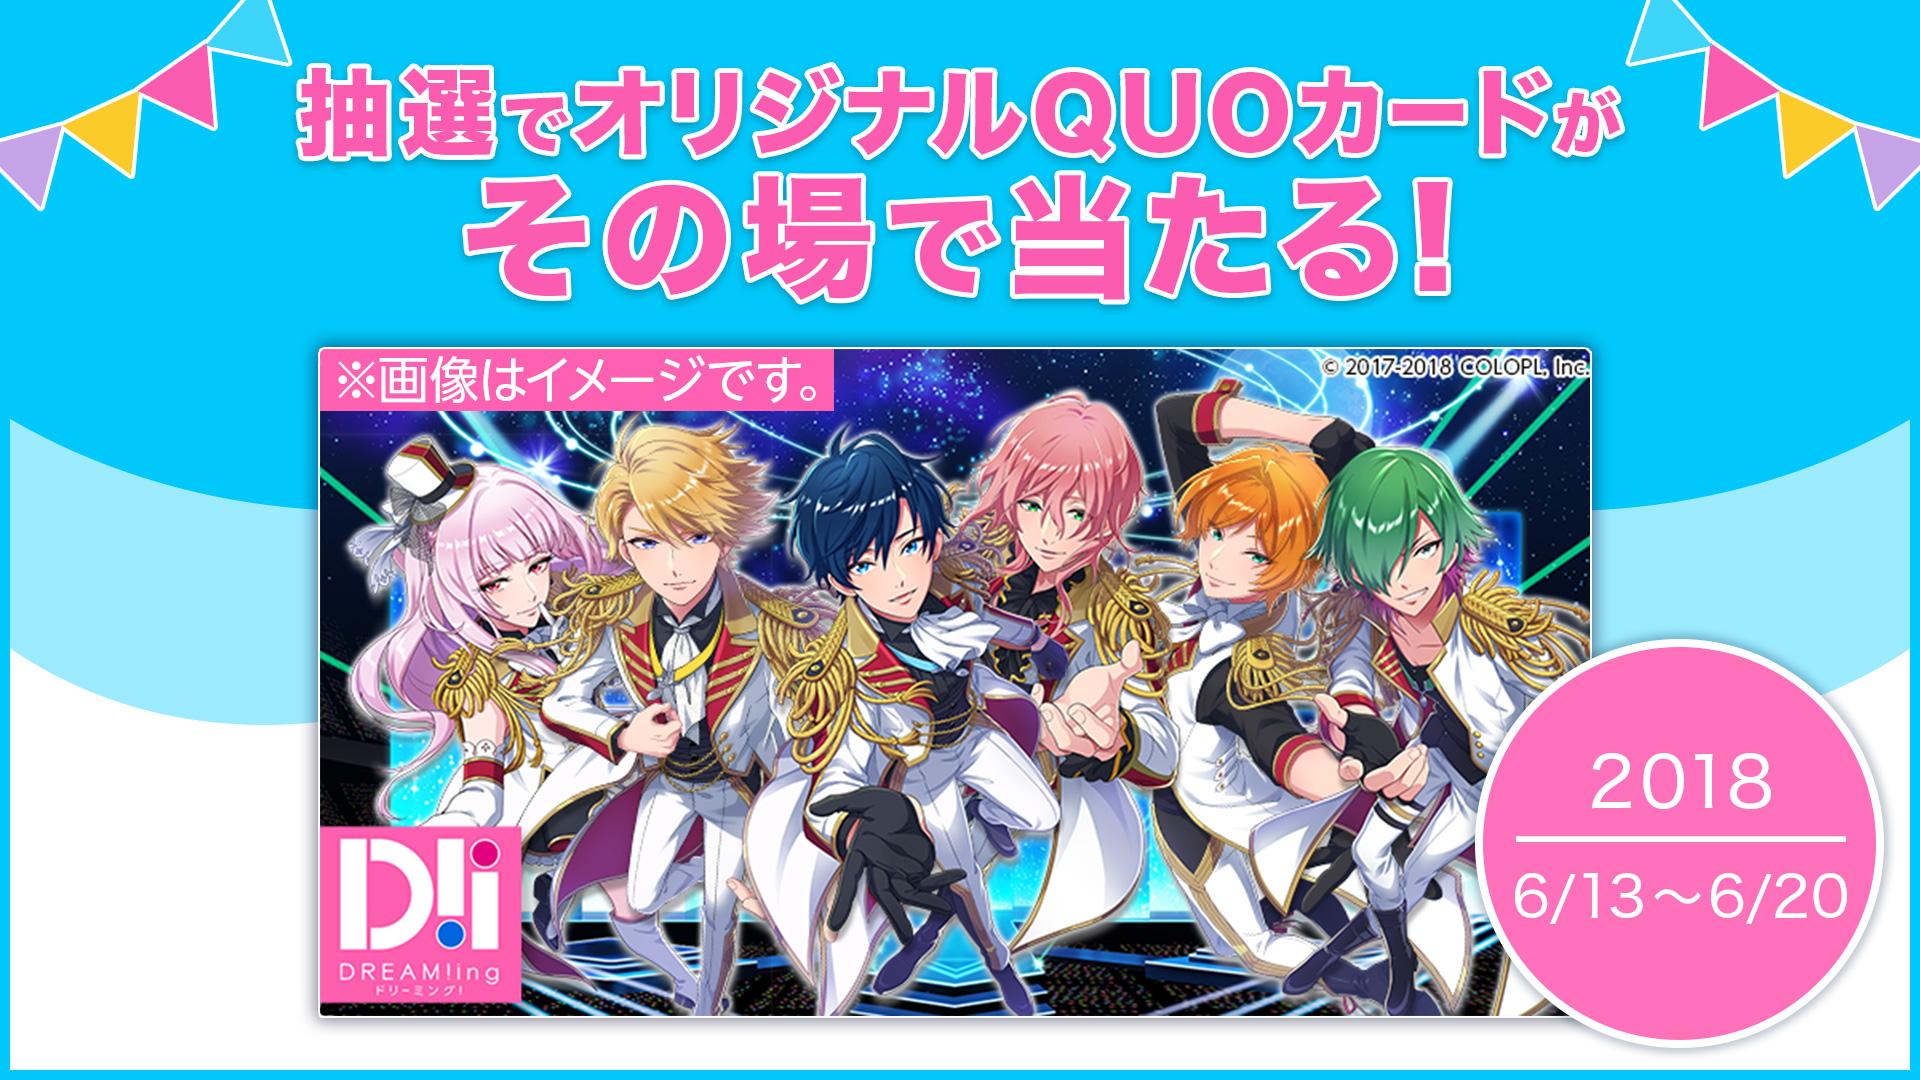 コロプラ新作『DREAM!ing』のオリジナルQUOカードが当たるキャンペーン開始!